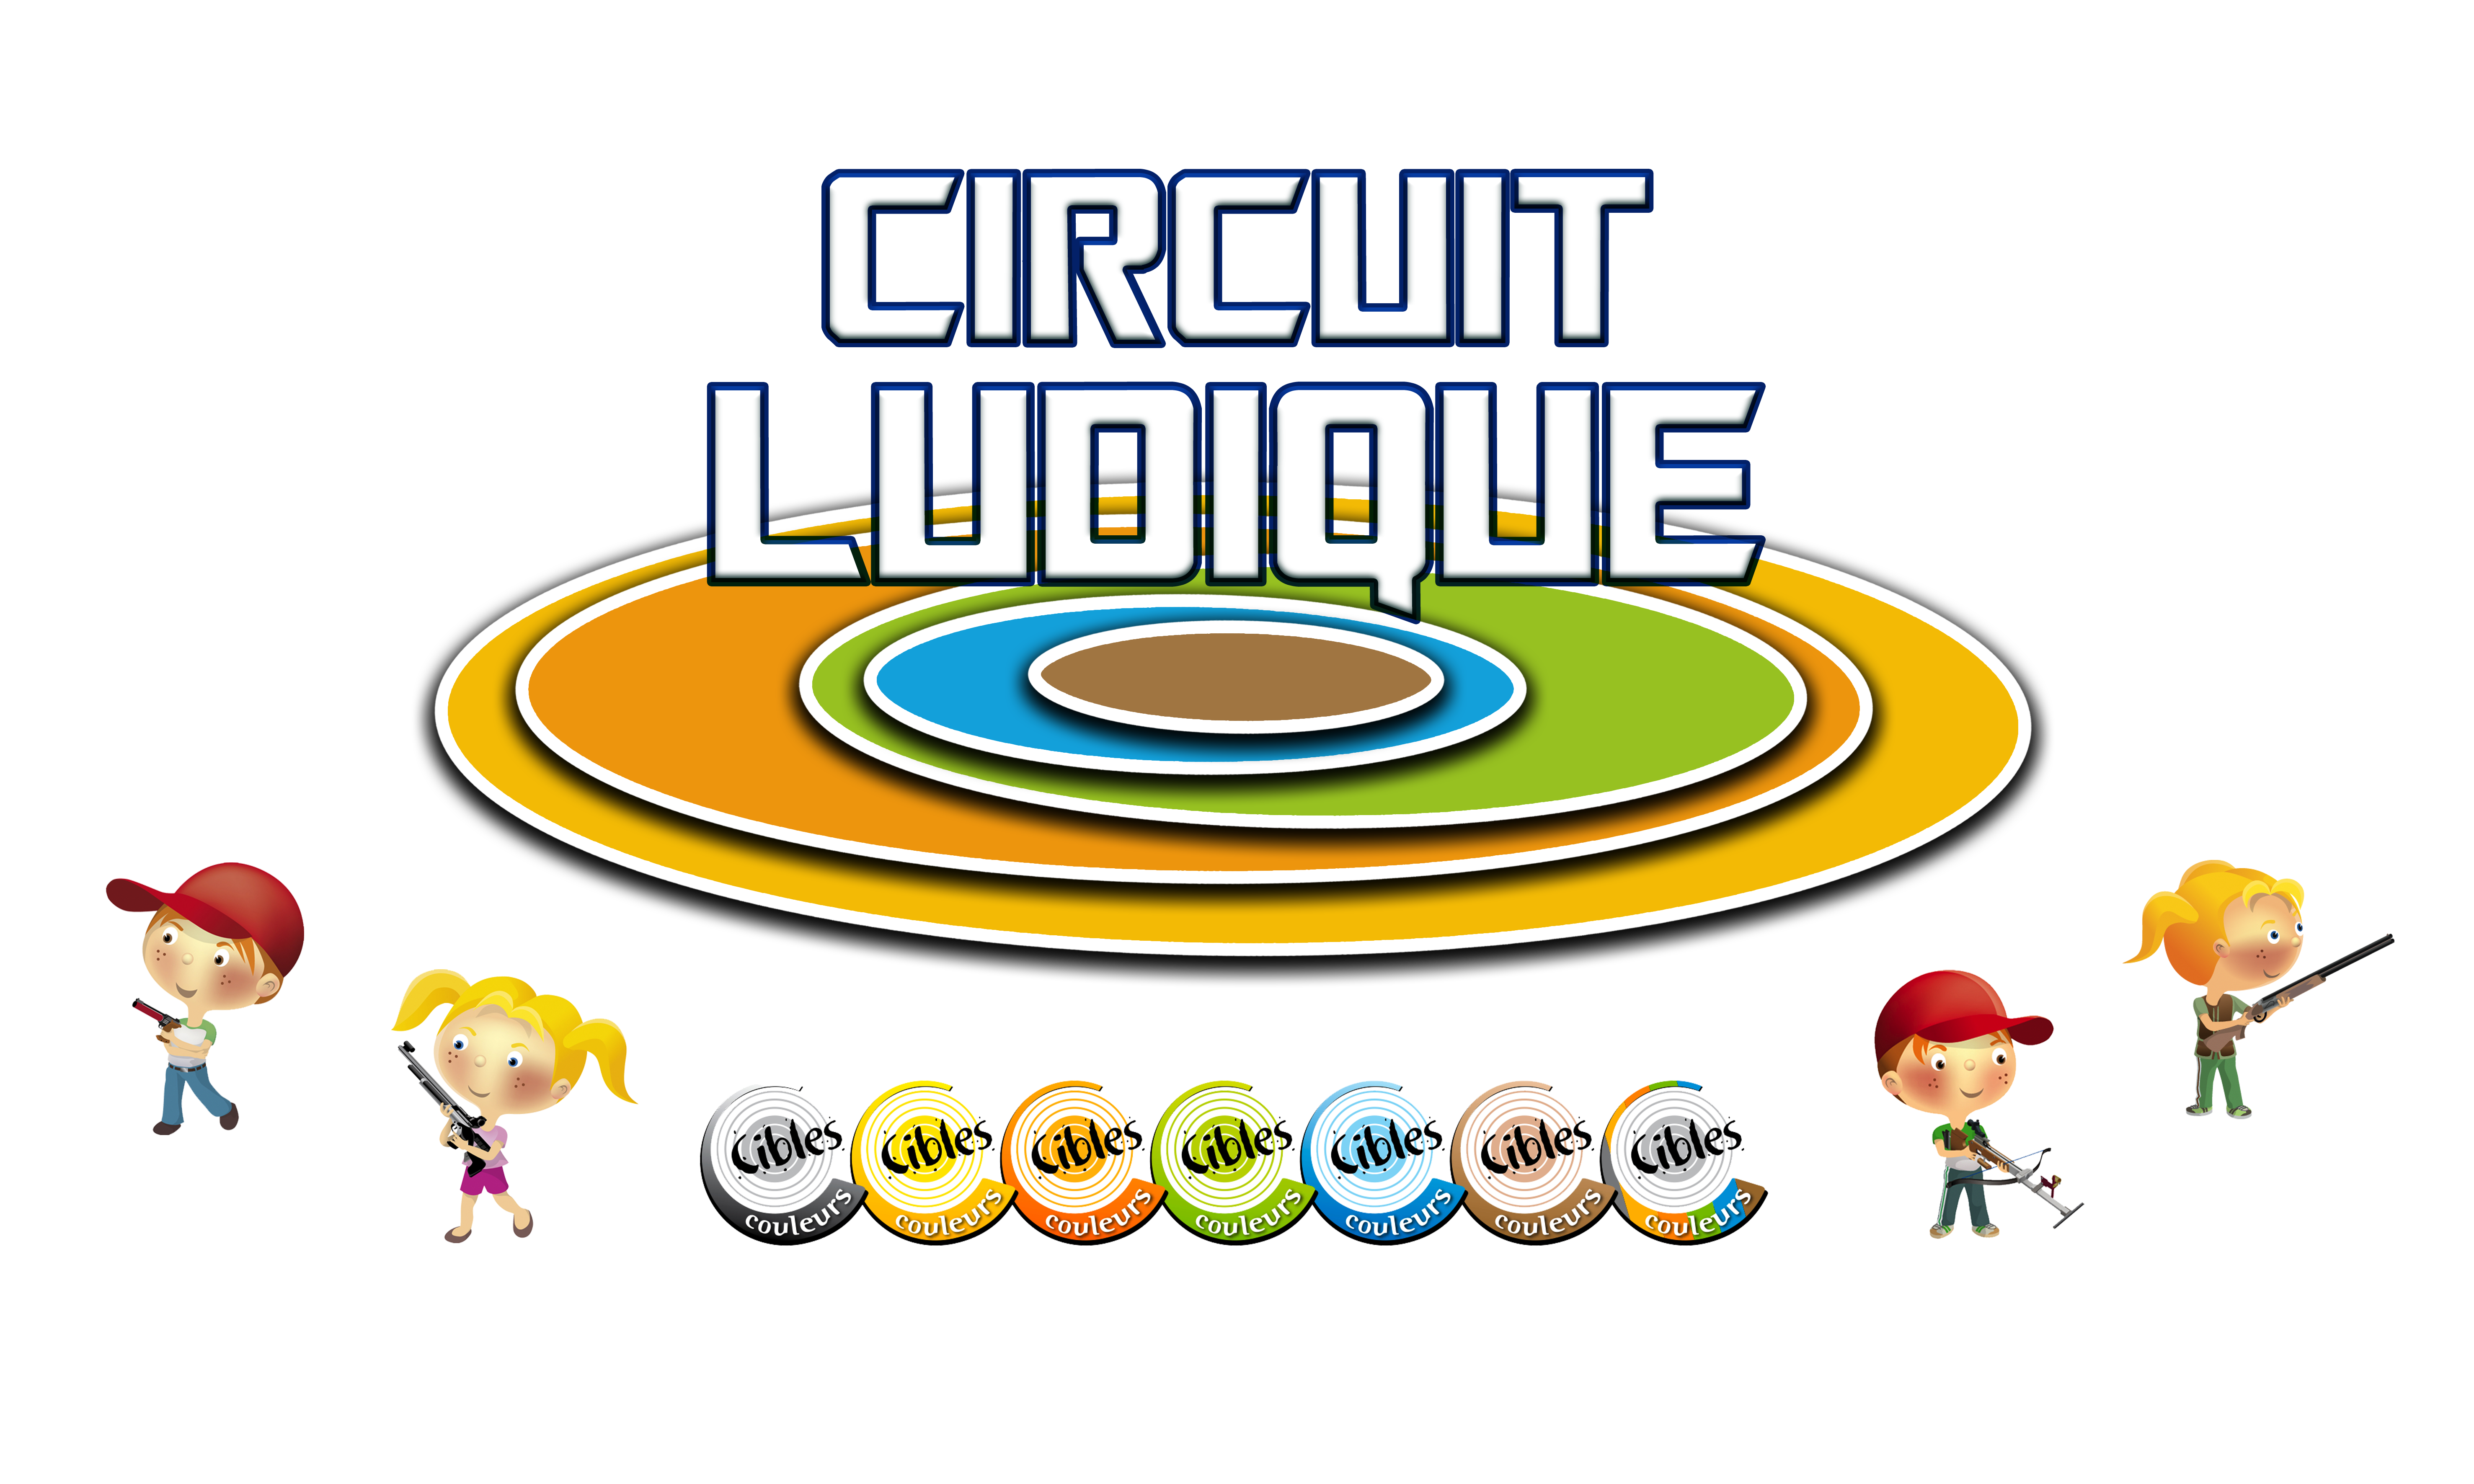 Circuit ludique